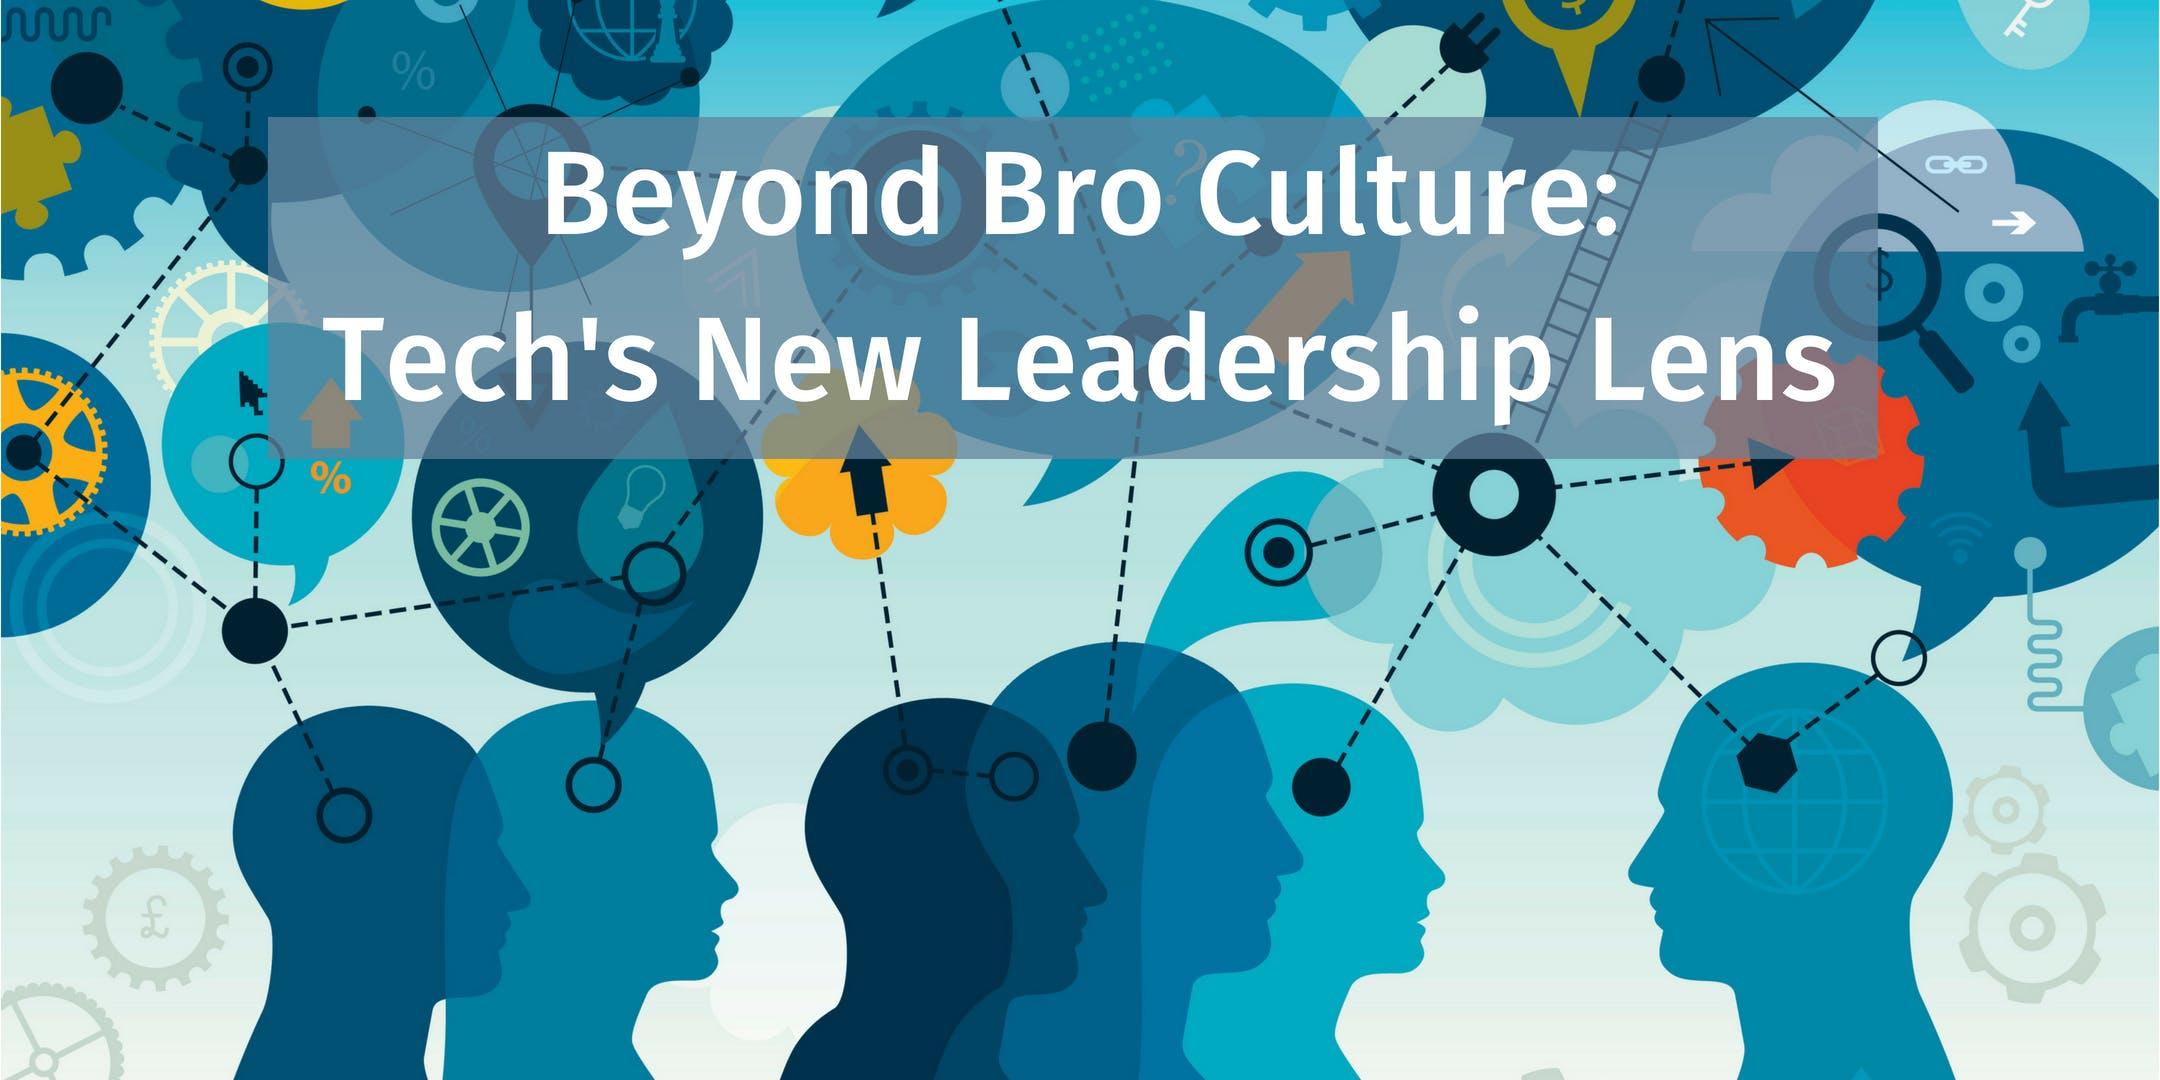 beyond bro culture tech s new leadership lens at marines memorial